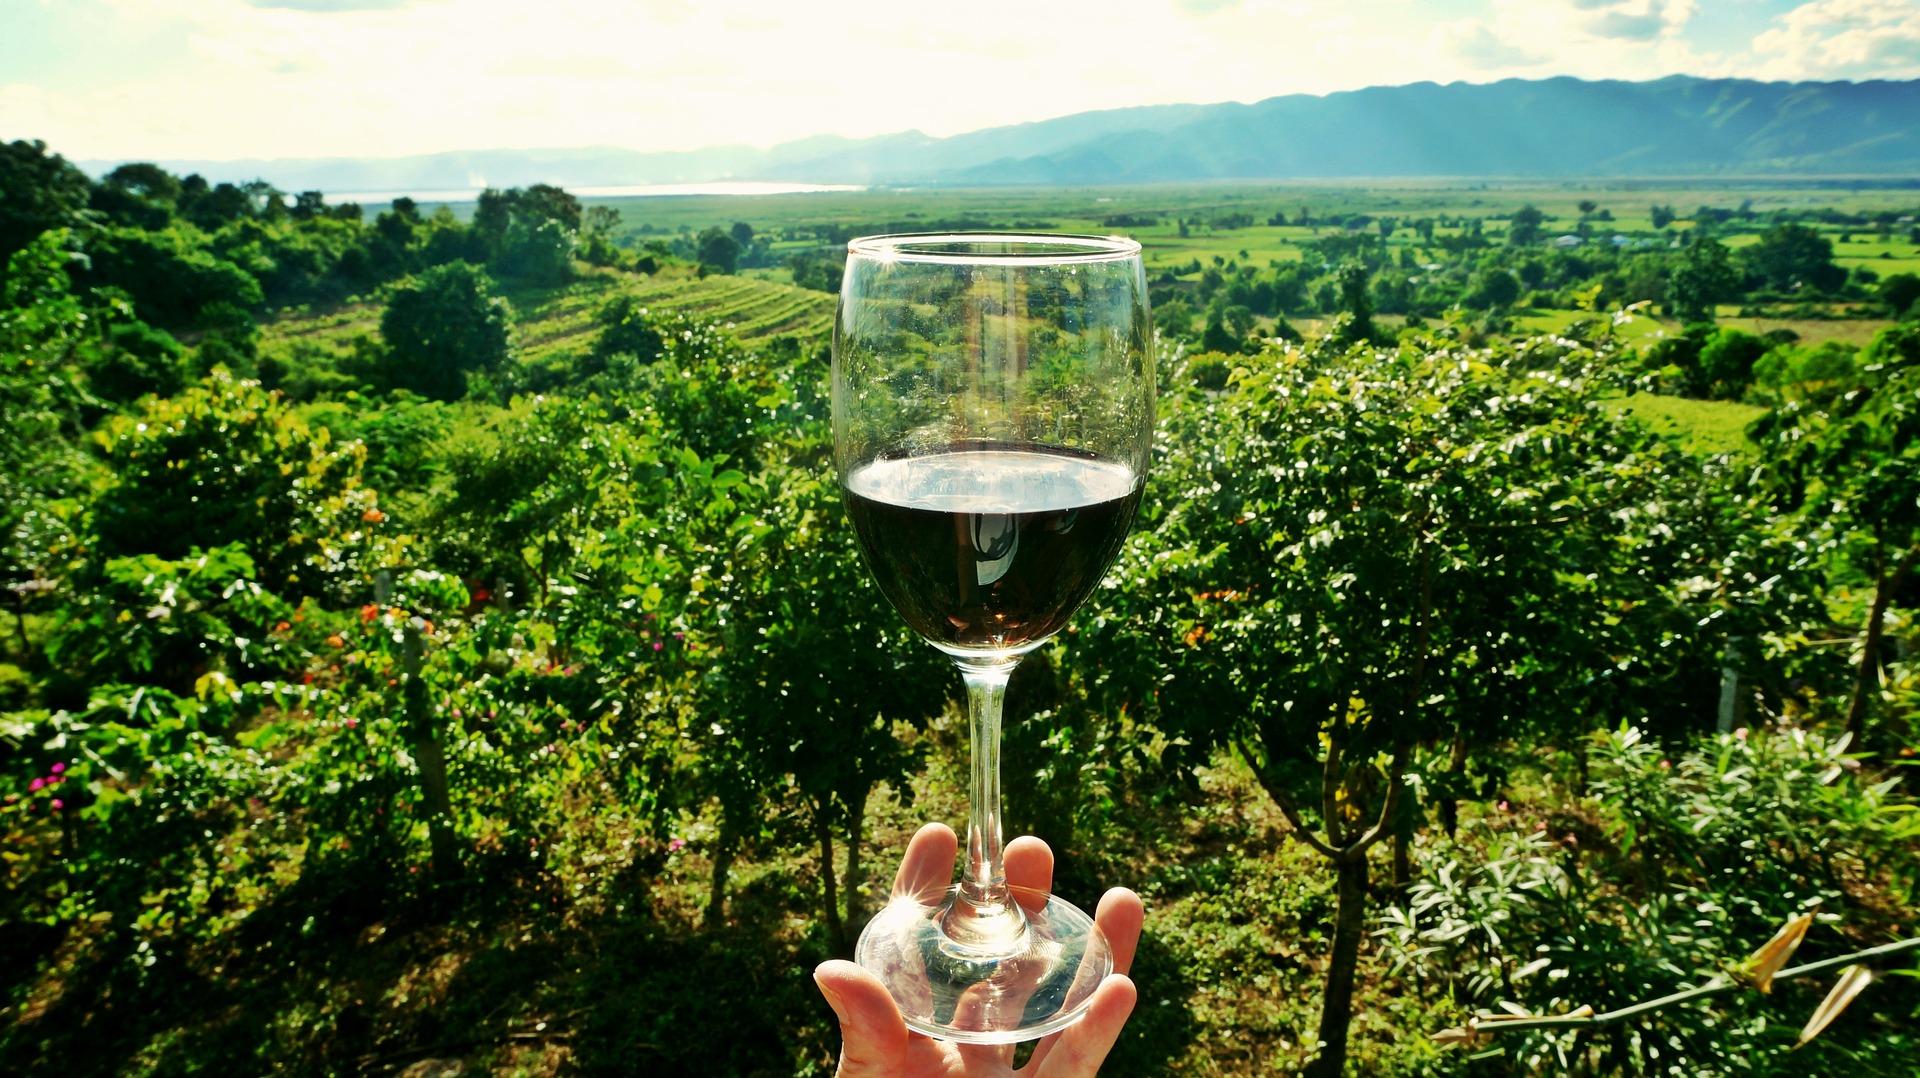 wine-2173239_1920